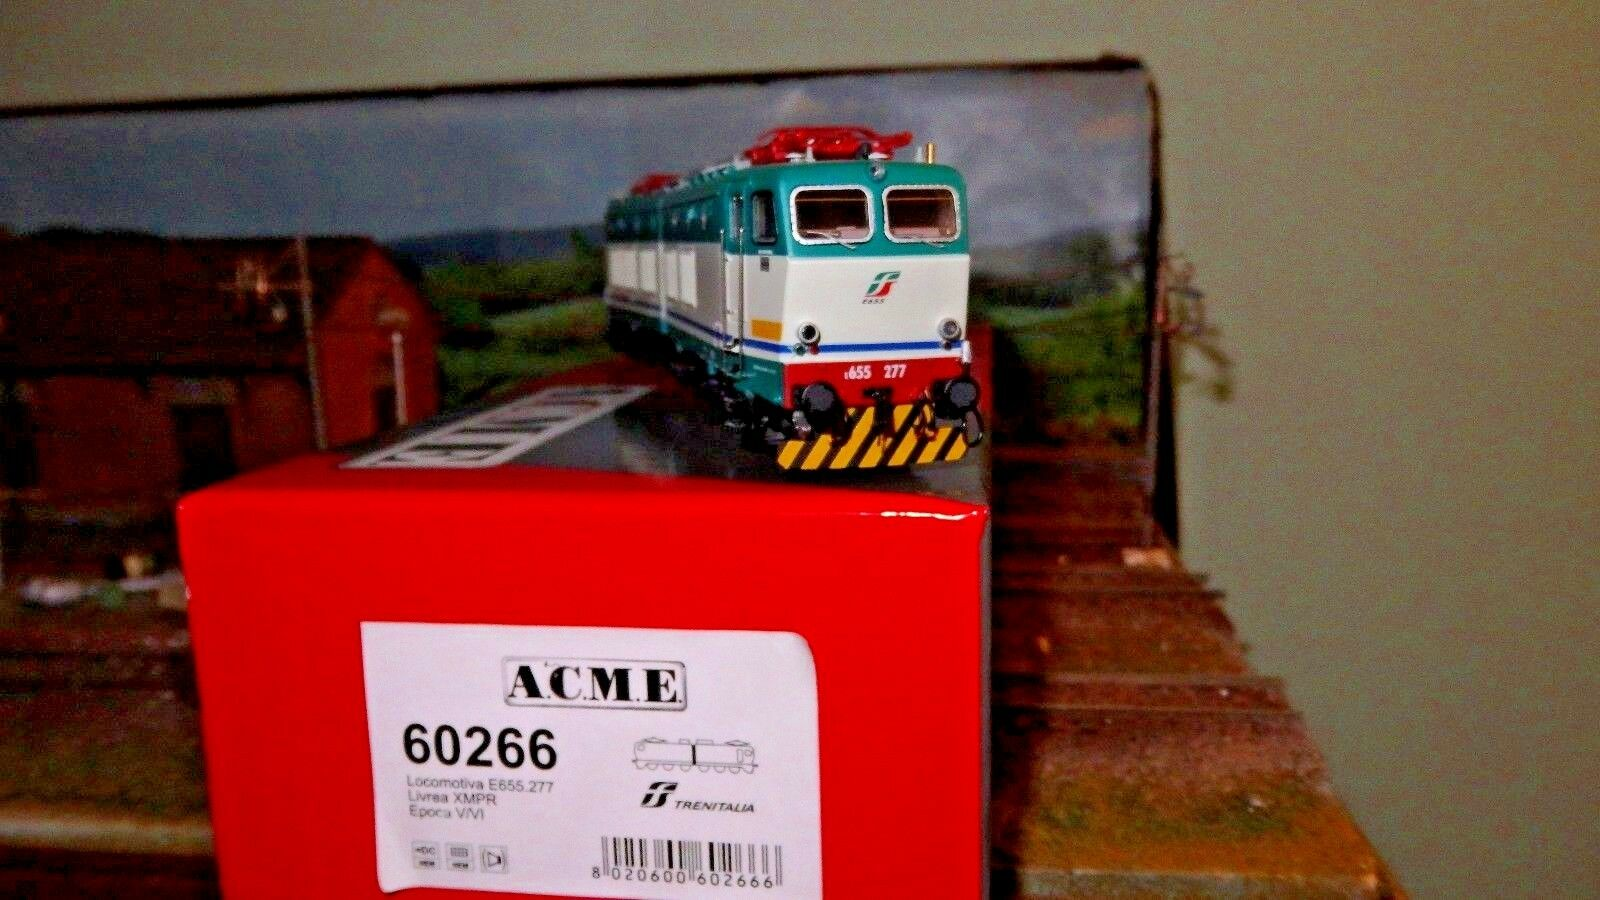 ACME 60266 E655 277 TERZA SERIE XMPR Trenitalia bilgo, nuevo logotipo FS